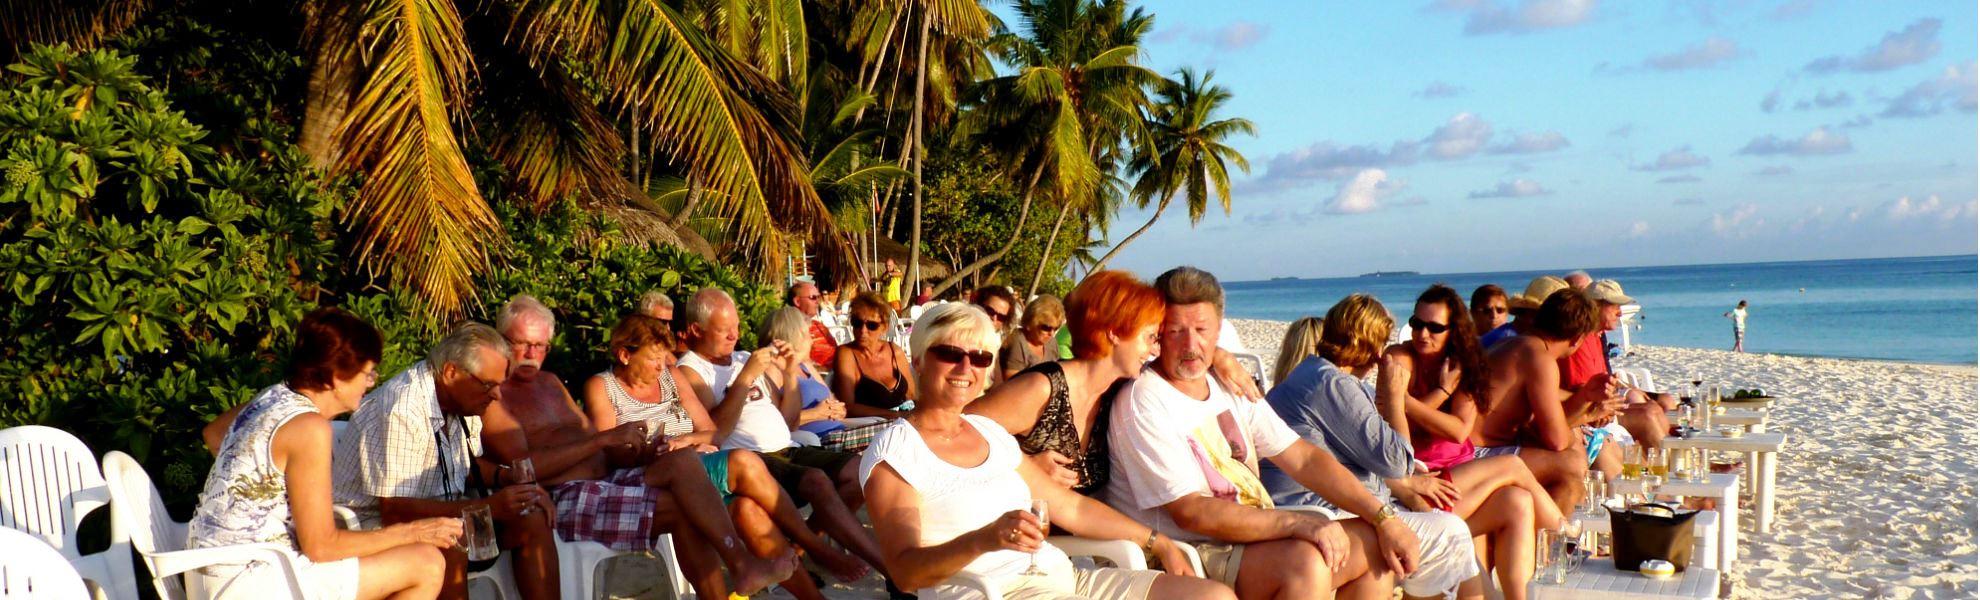 Auf Gruppenreise mit Keniaspezialist Reisekontor Schmidt